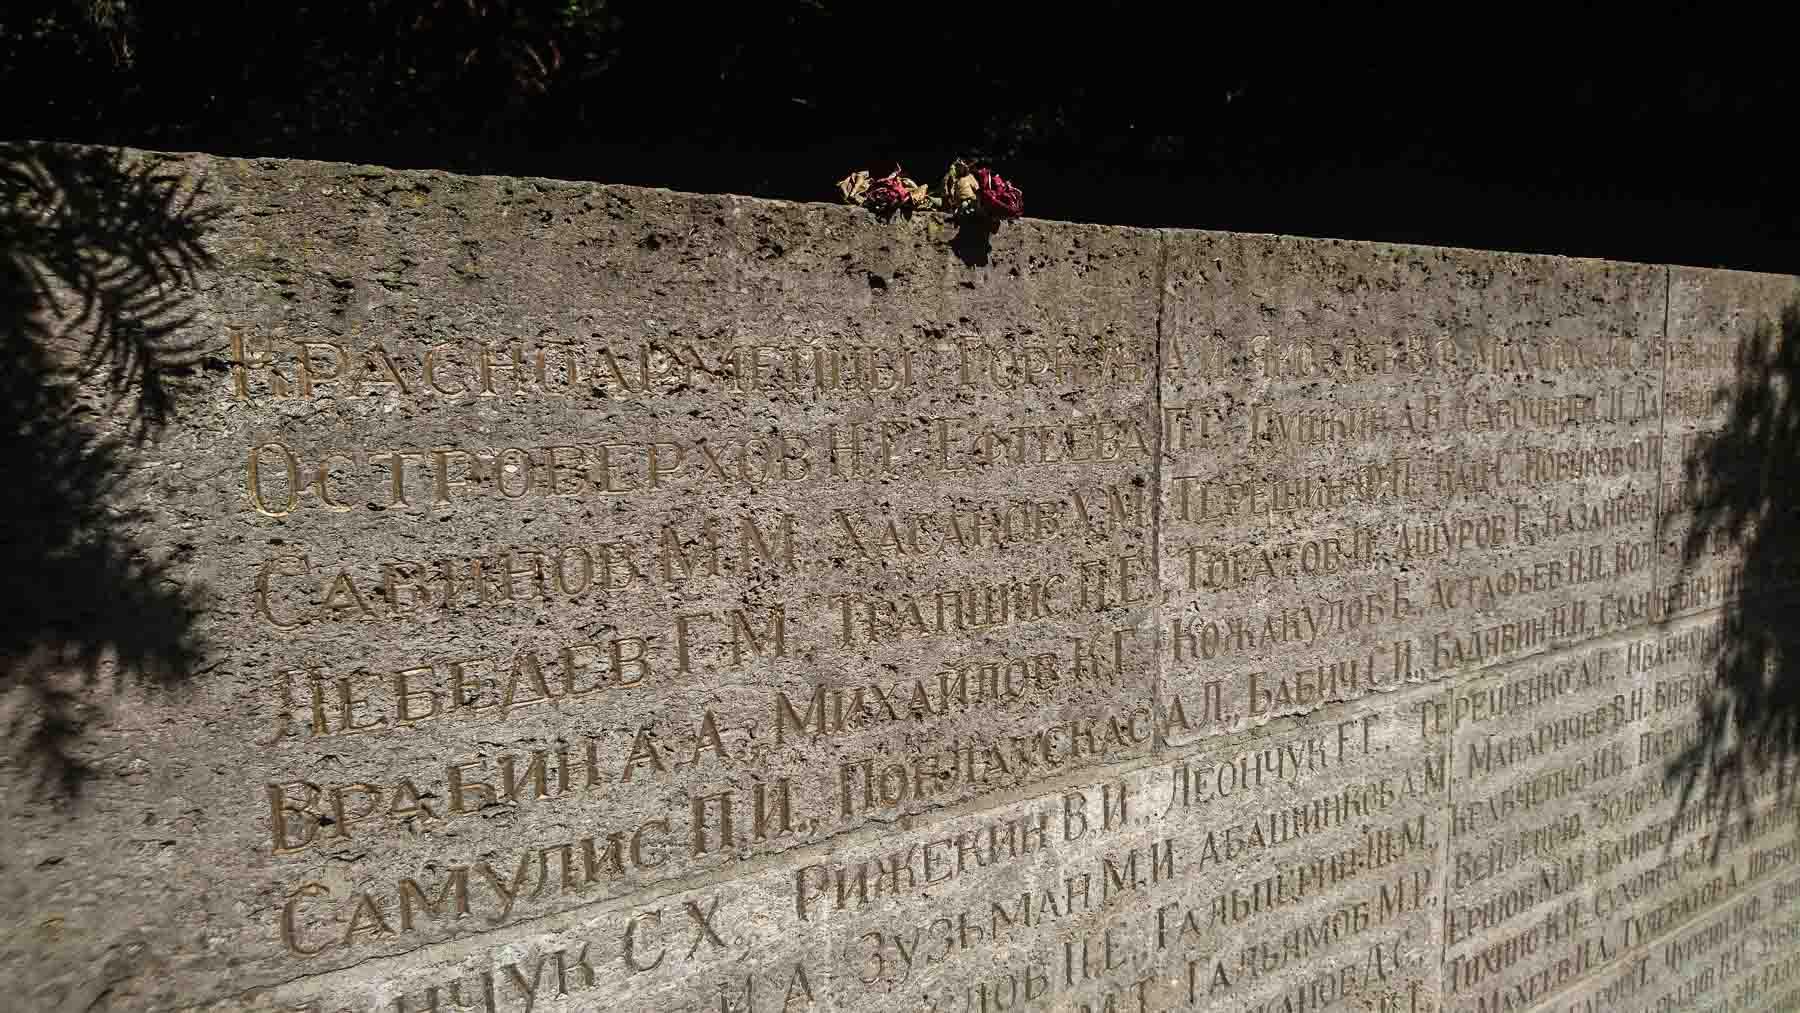 Grabstein Sowjetischer Ehrenfriedhof Bernau